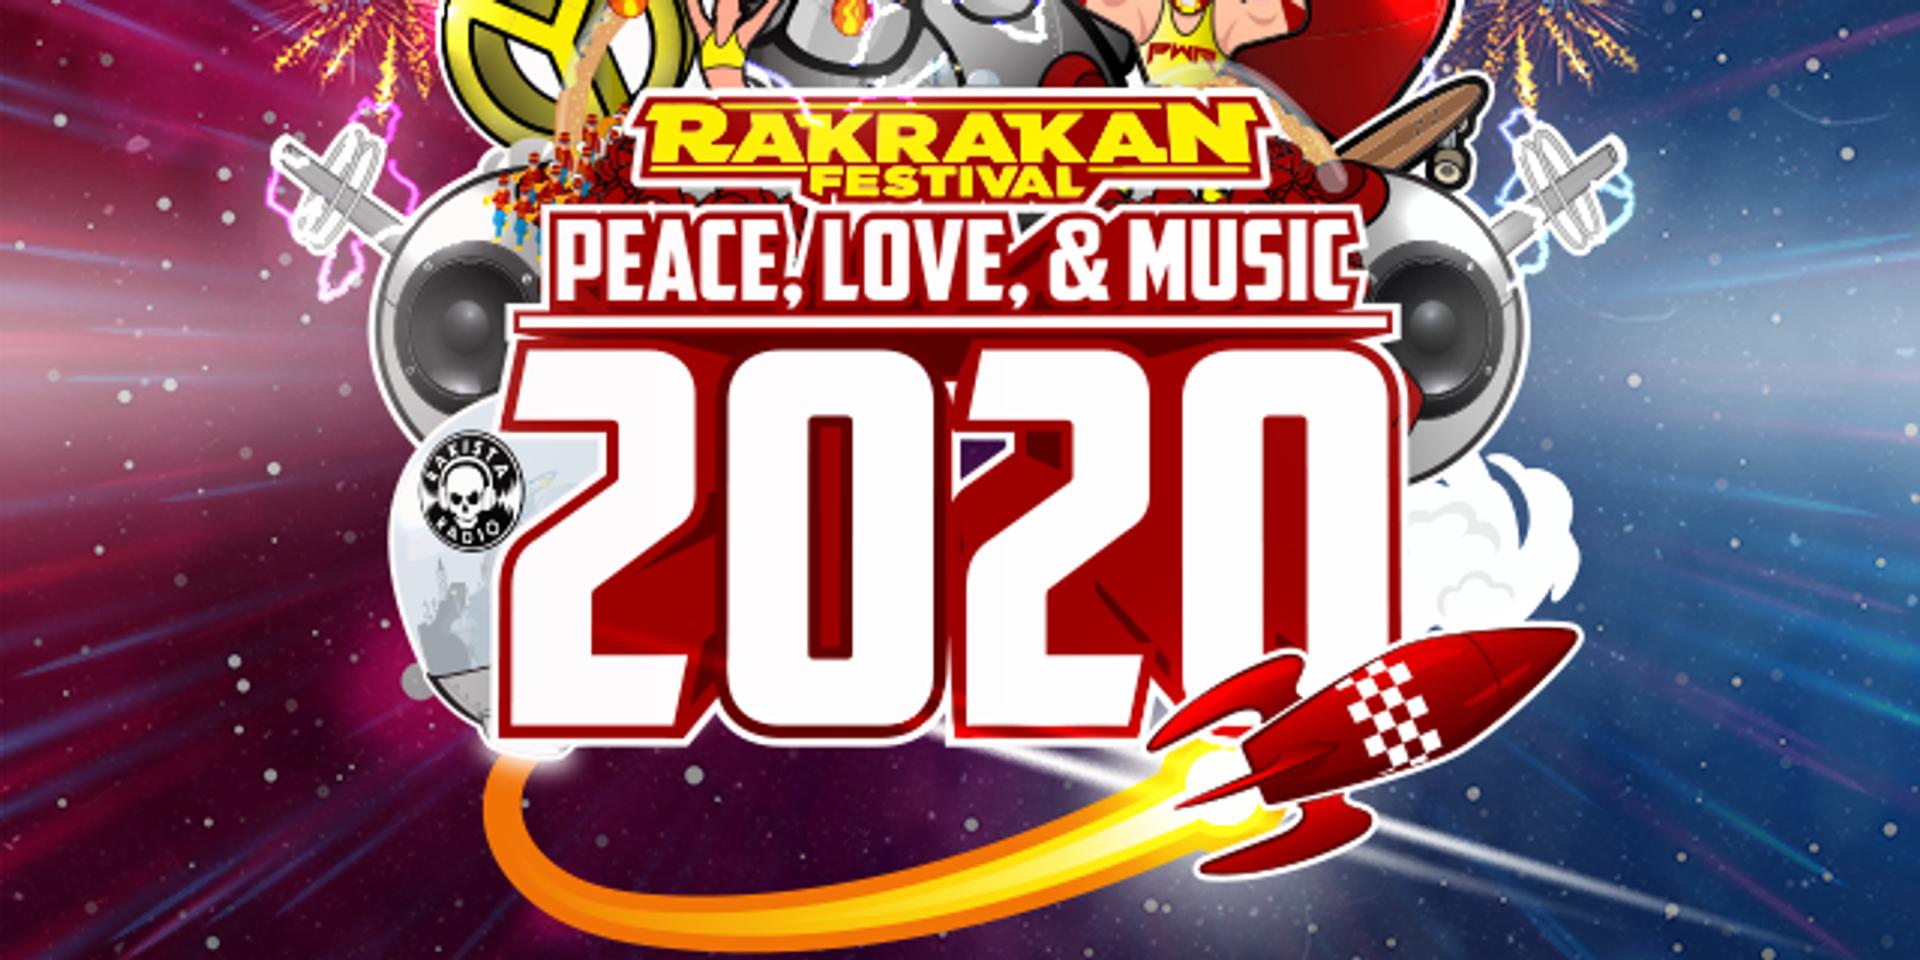 Rakrakan Festival postponed to April 2020